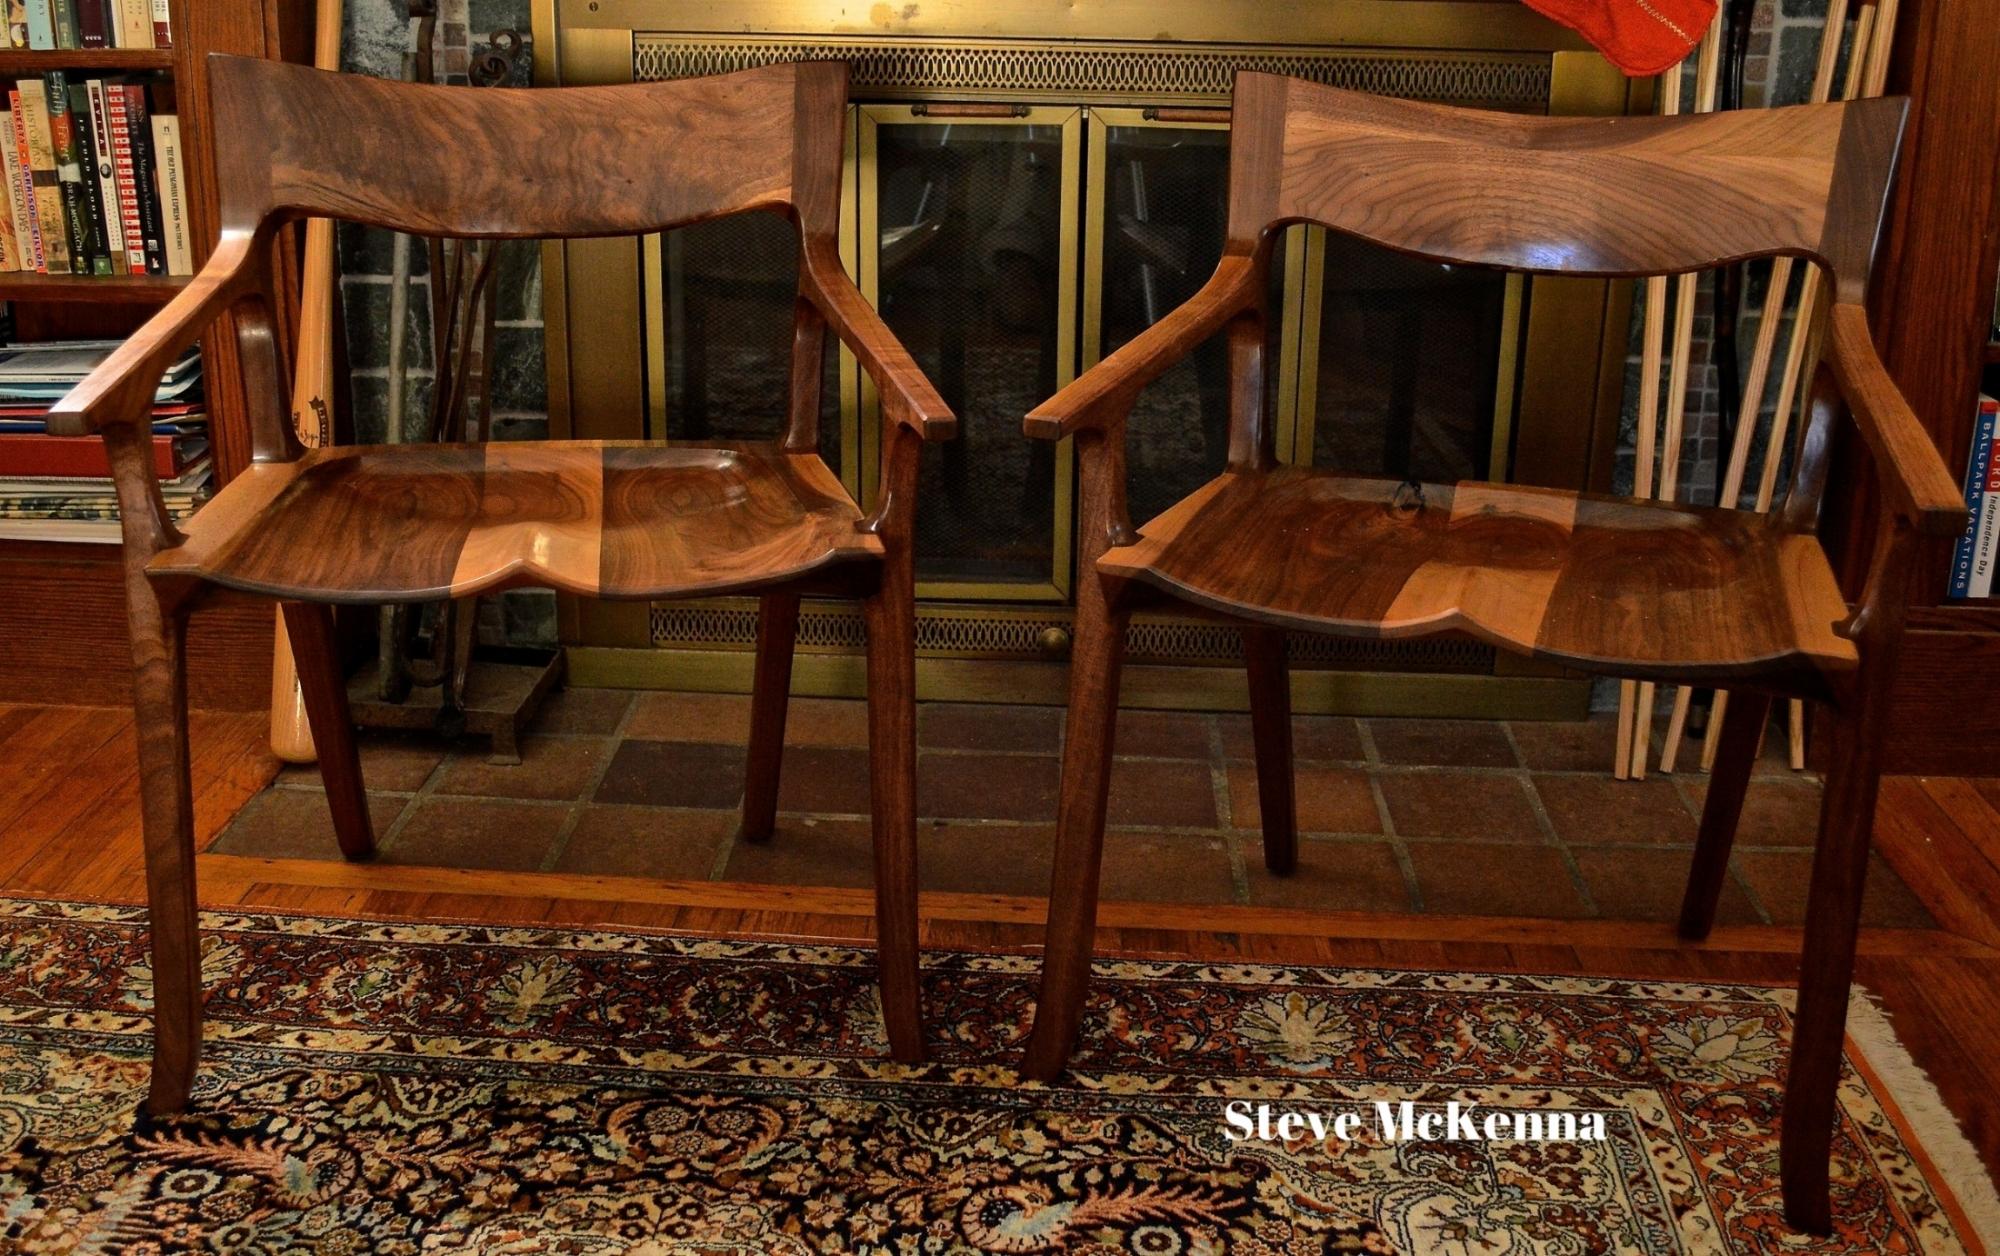 Steve Mckenna Chairs.JPG